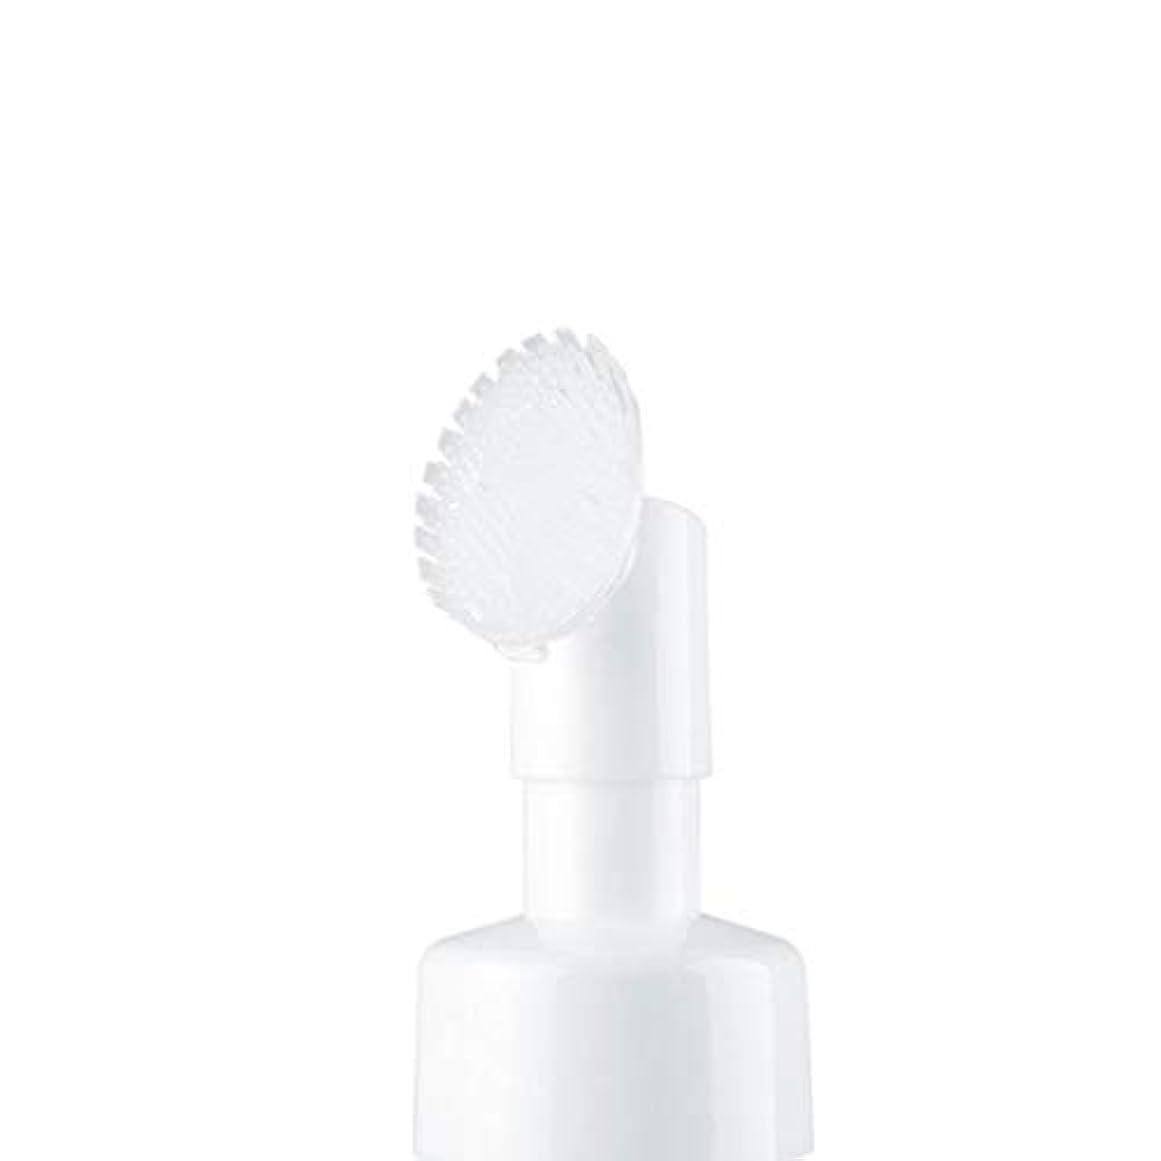 そこ移行良さXiton 泡ボトル 泡ポンプボトル 押すだけで泡が出る 安定感のある 詰め替え 詰替 泡ハンドソープ 全身石鹸 ボディソープ 洗顔フォーム ブラシ付き 150ML (ブルー)